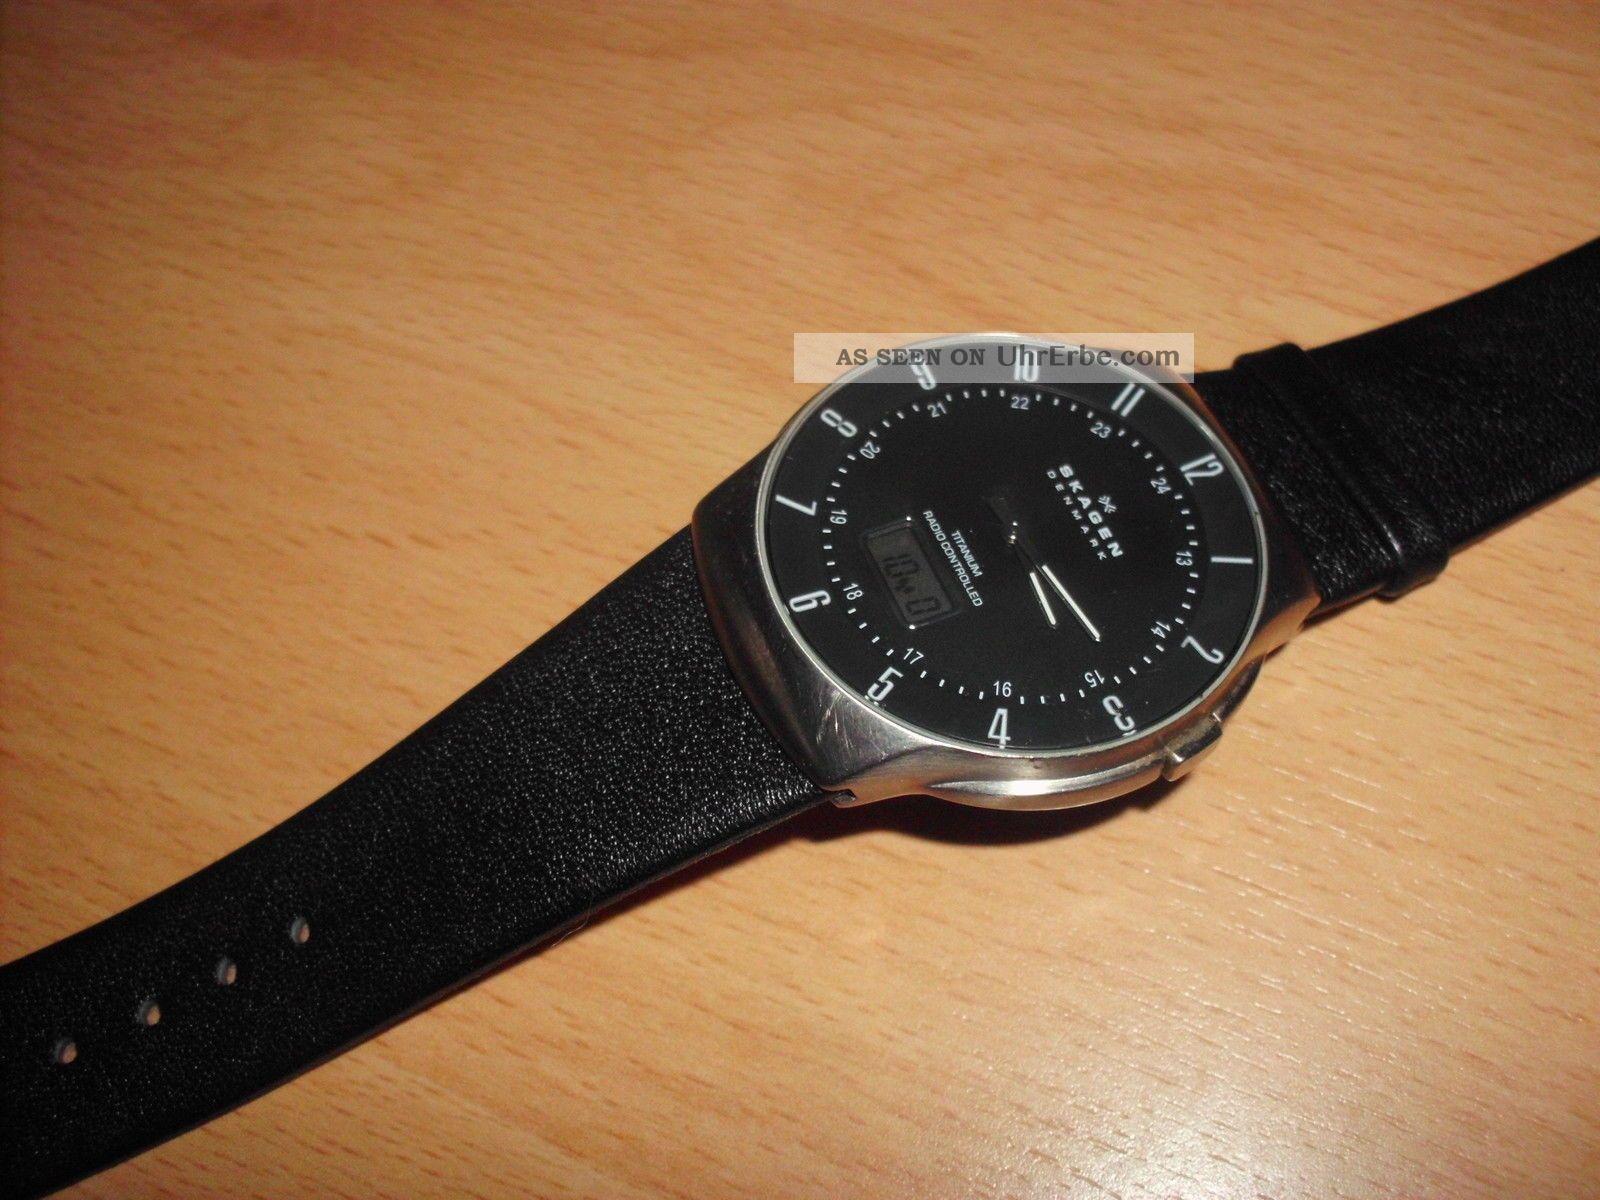 Skagen 732xltlm - G Titan Funkuhr Herren - Armbanduhr,  Radio Controlled,  Fast Armbanduhren Bild